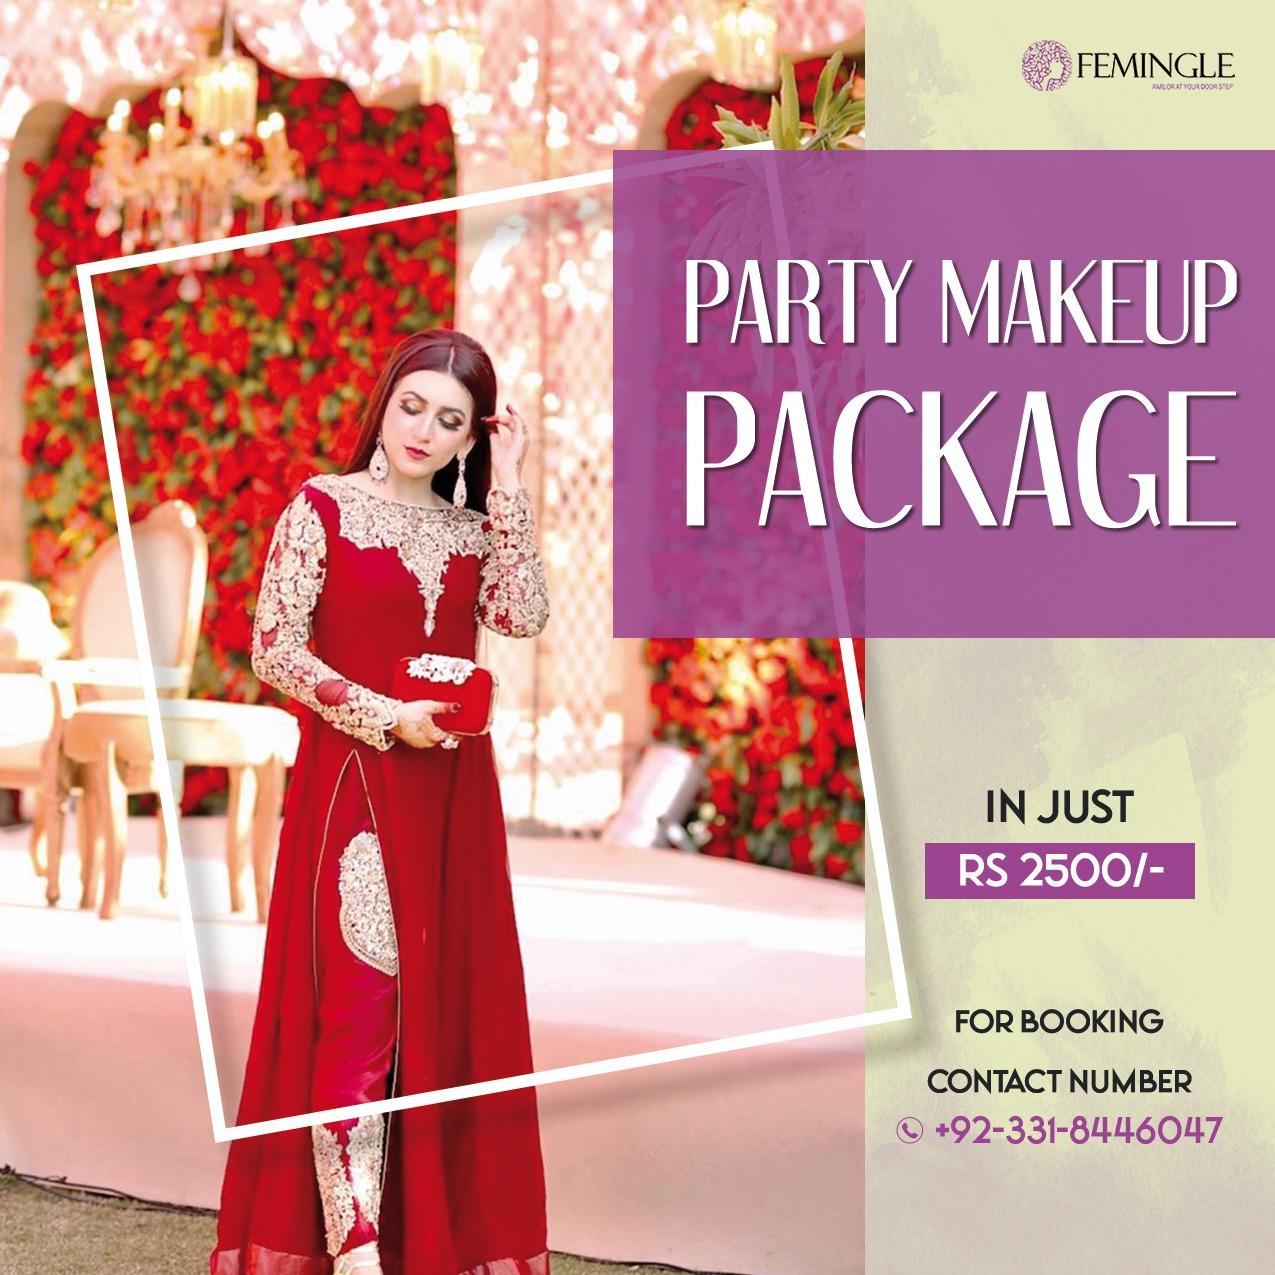 Party Makeup Deal